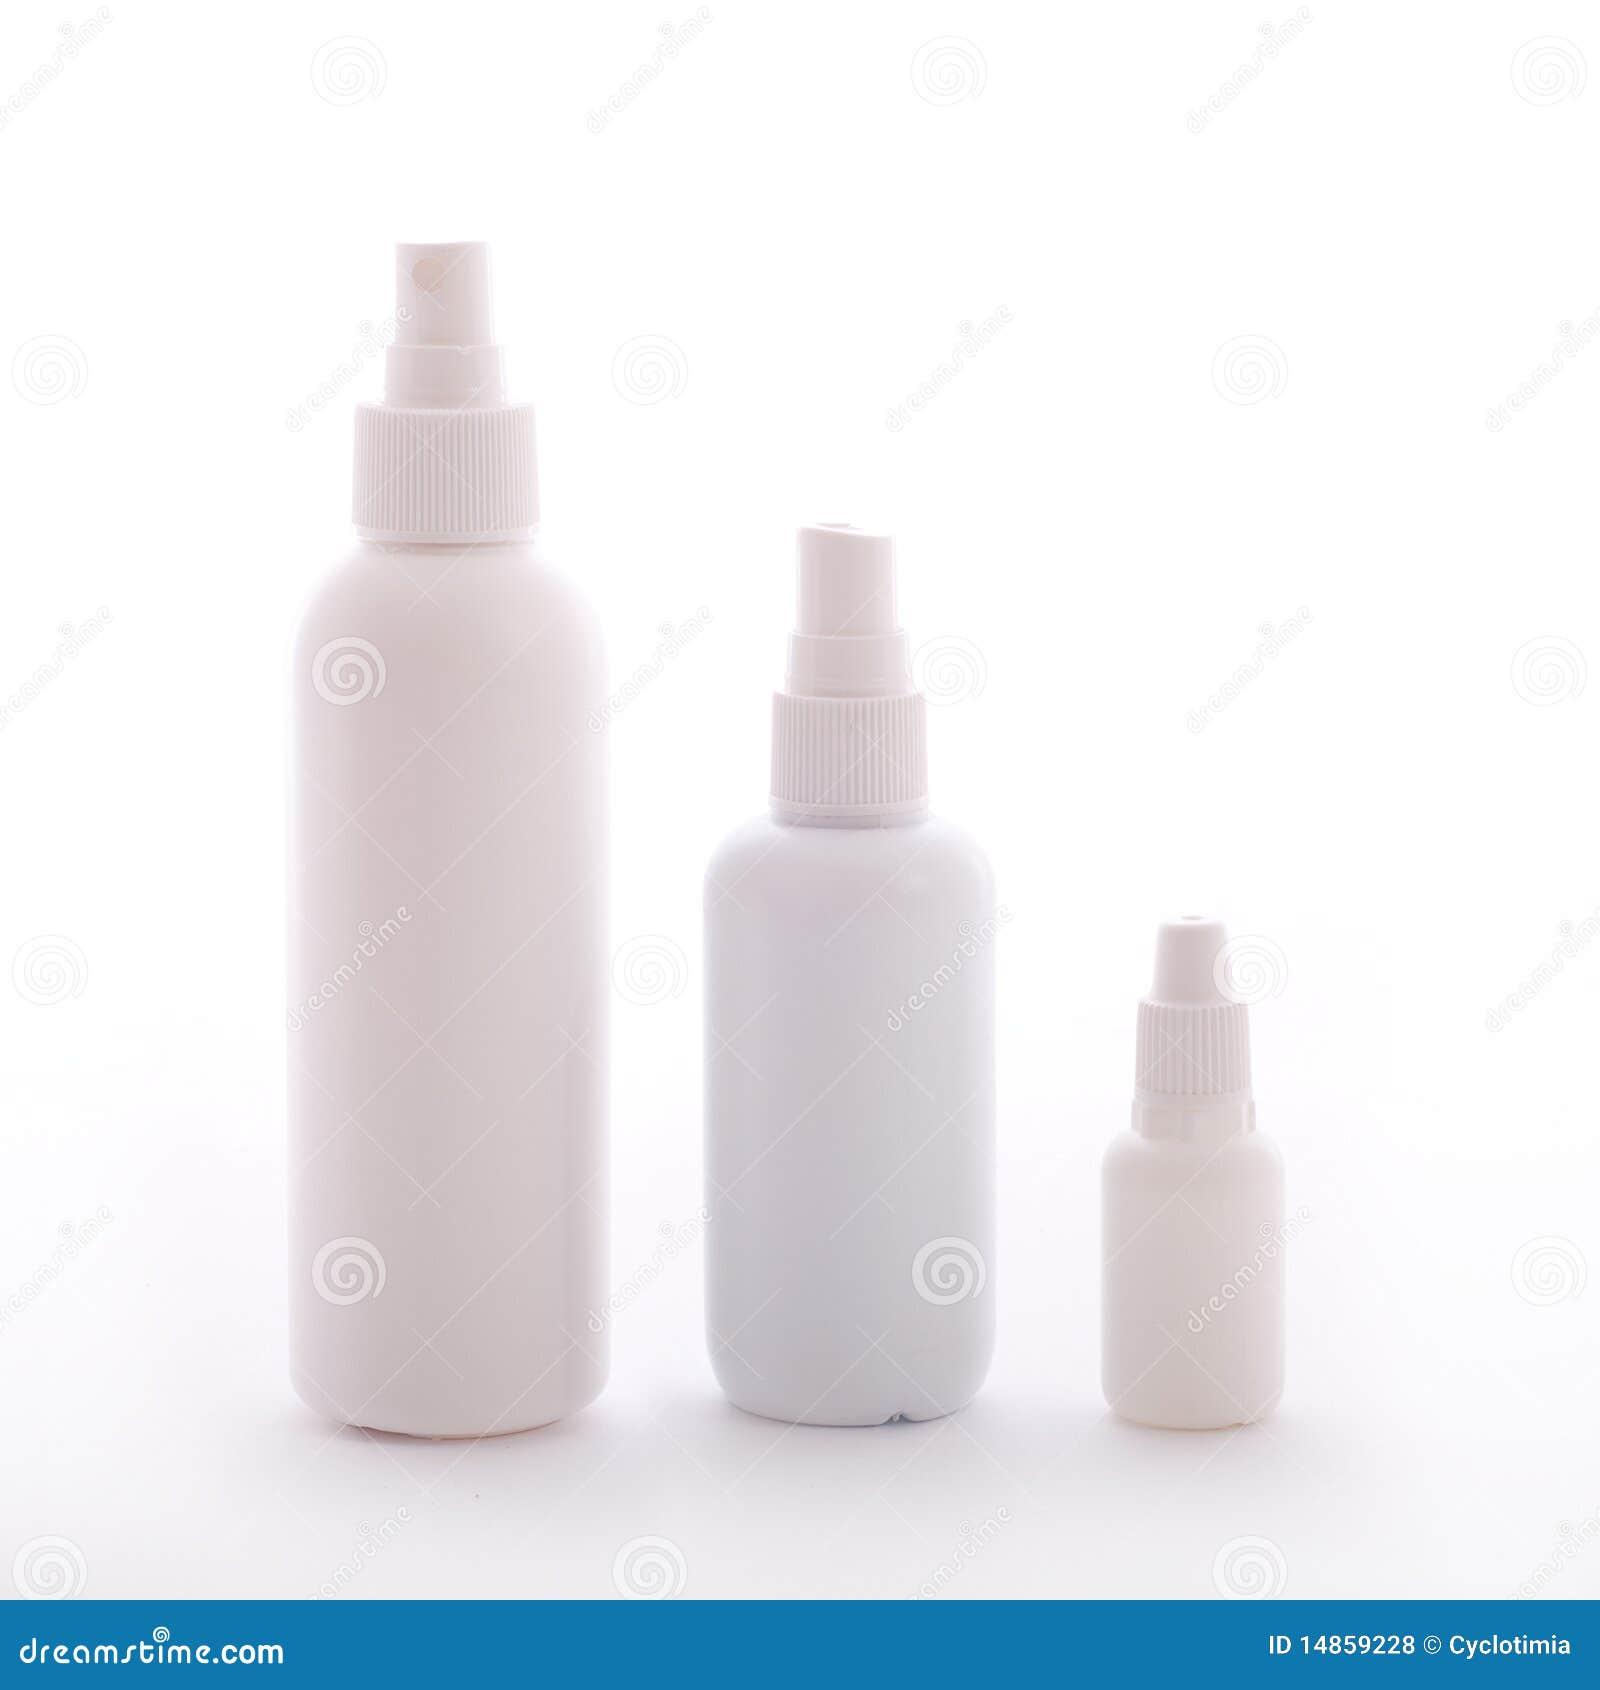 Blank white bottles